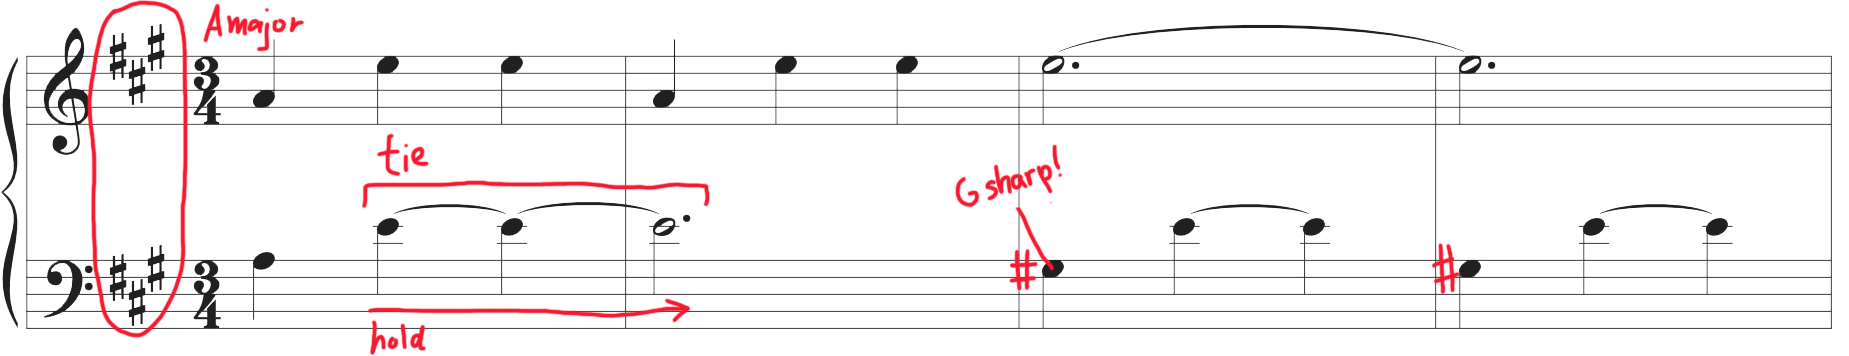 Mark-up of Beautiful Melody #1 sheet music.